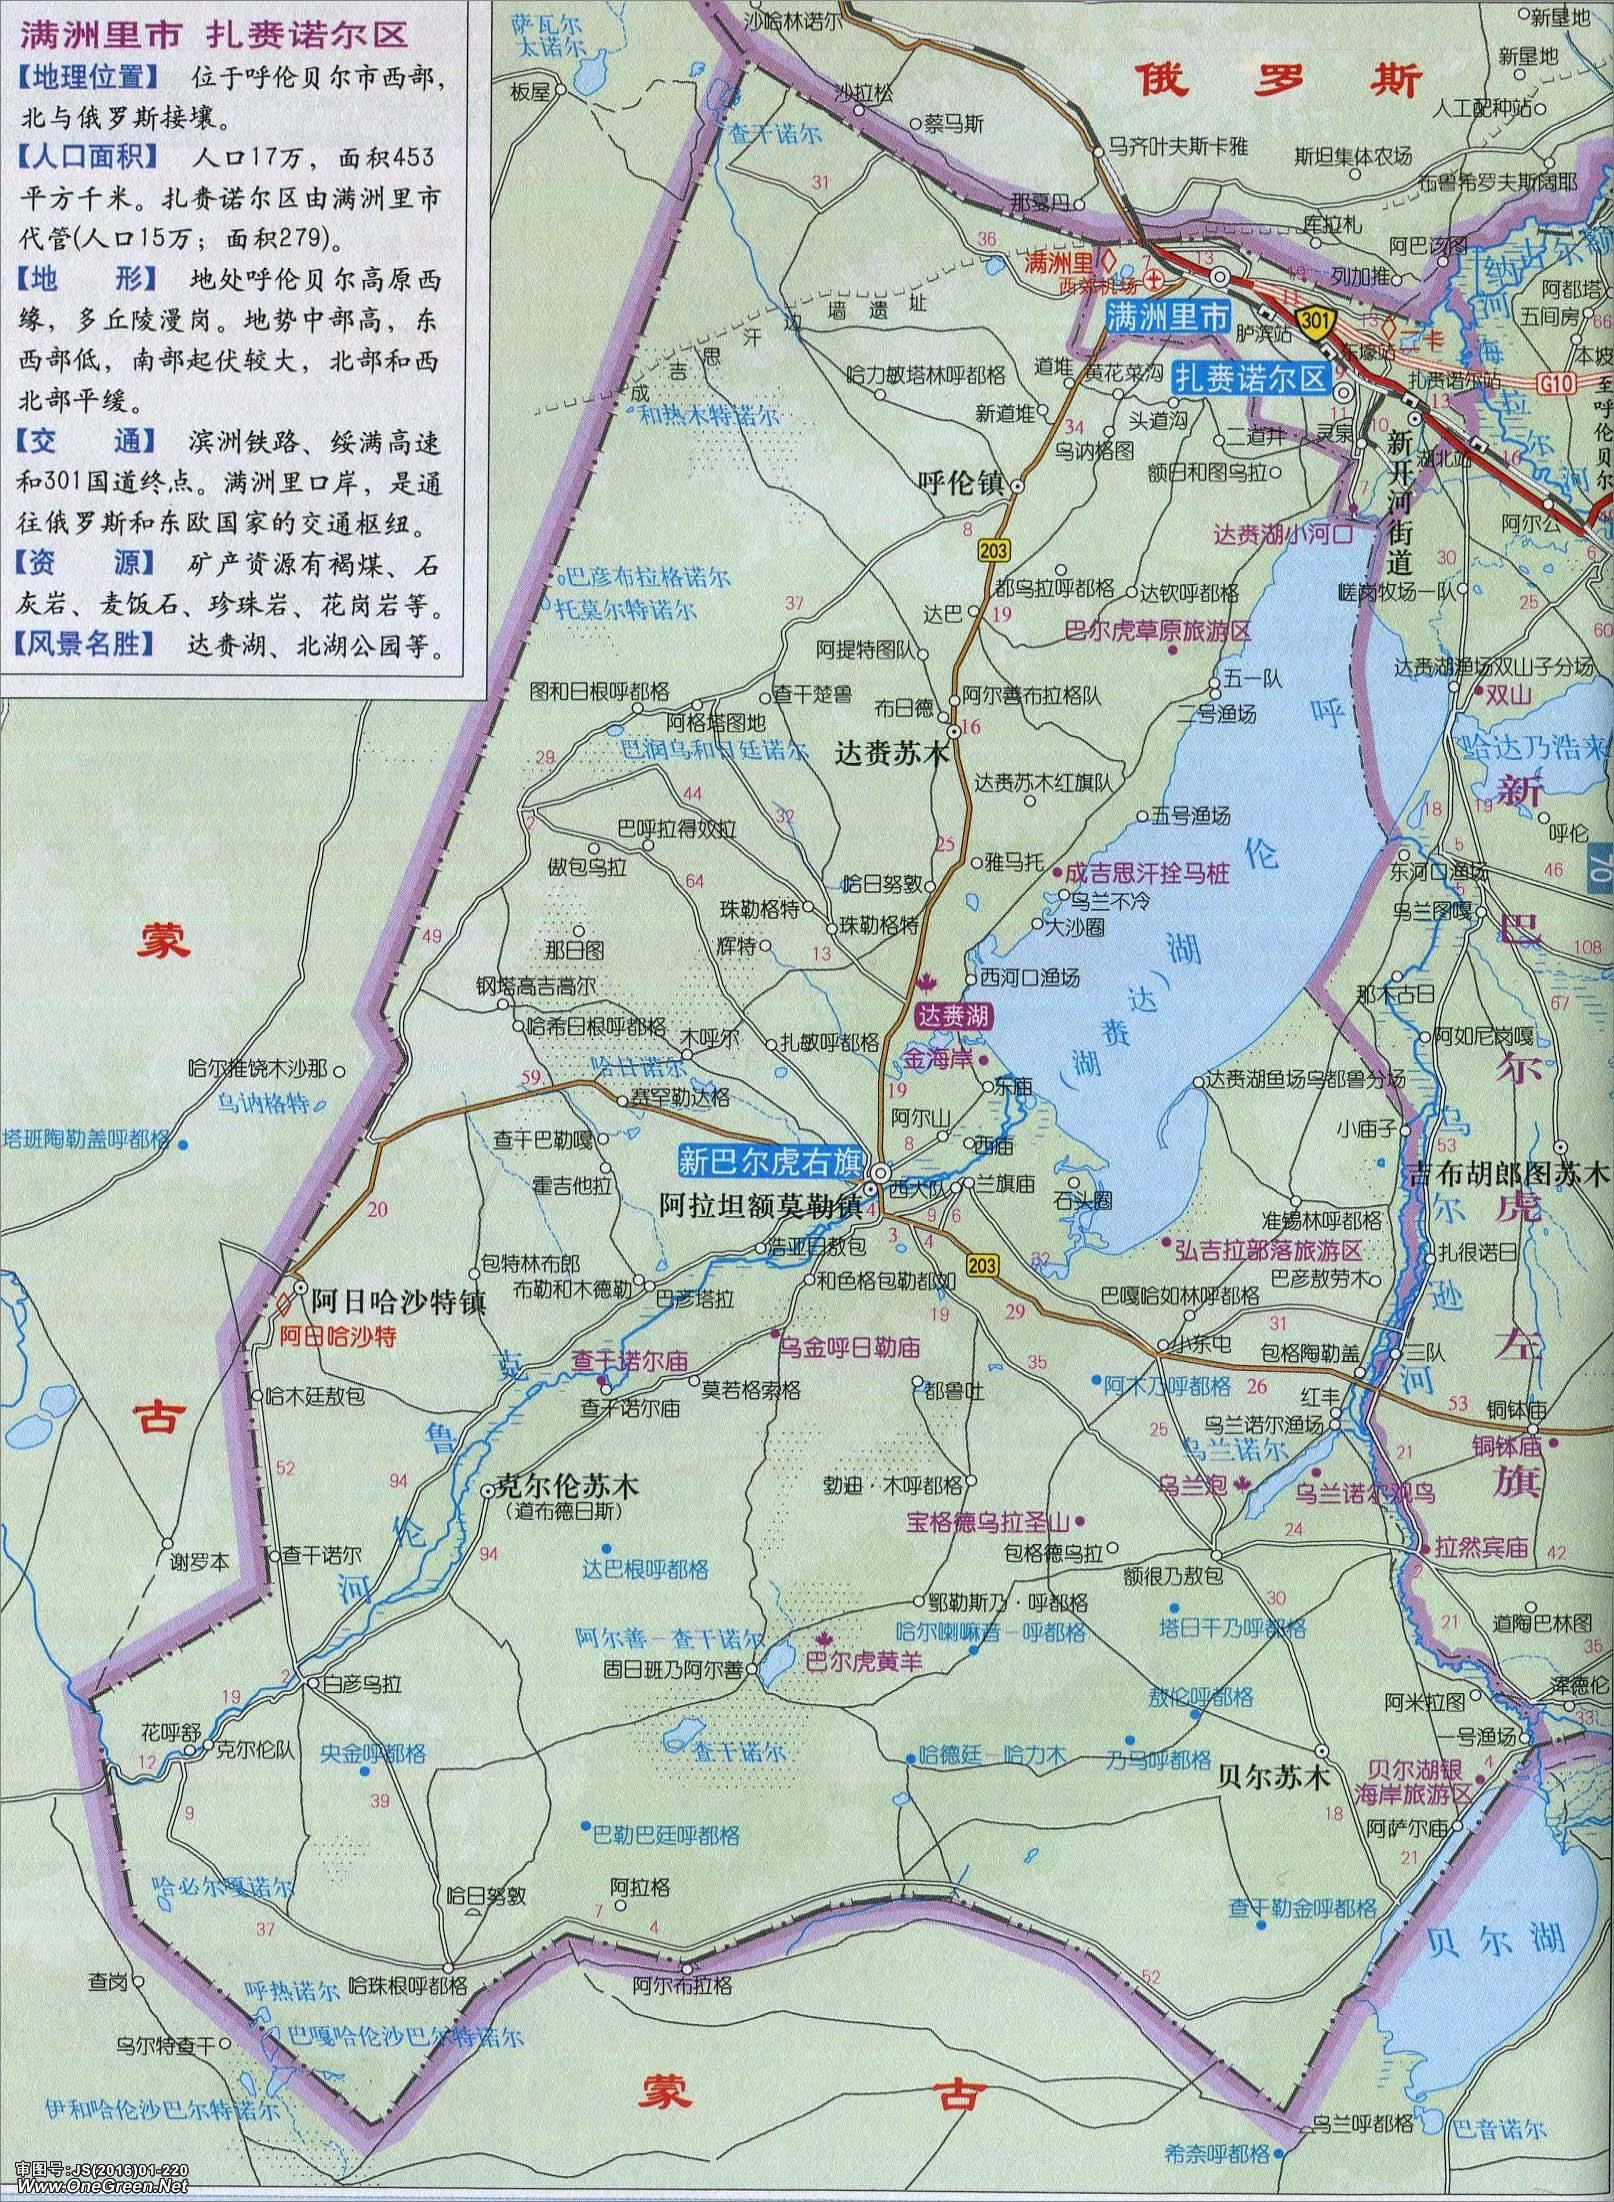 扎兰屯市地图_满洲里市_扎赉诺尔区地图_呼伦贝尔地图库_地图窝